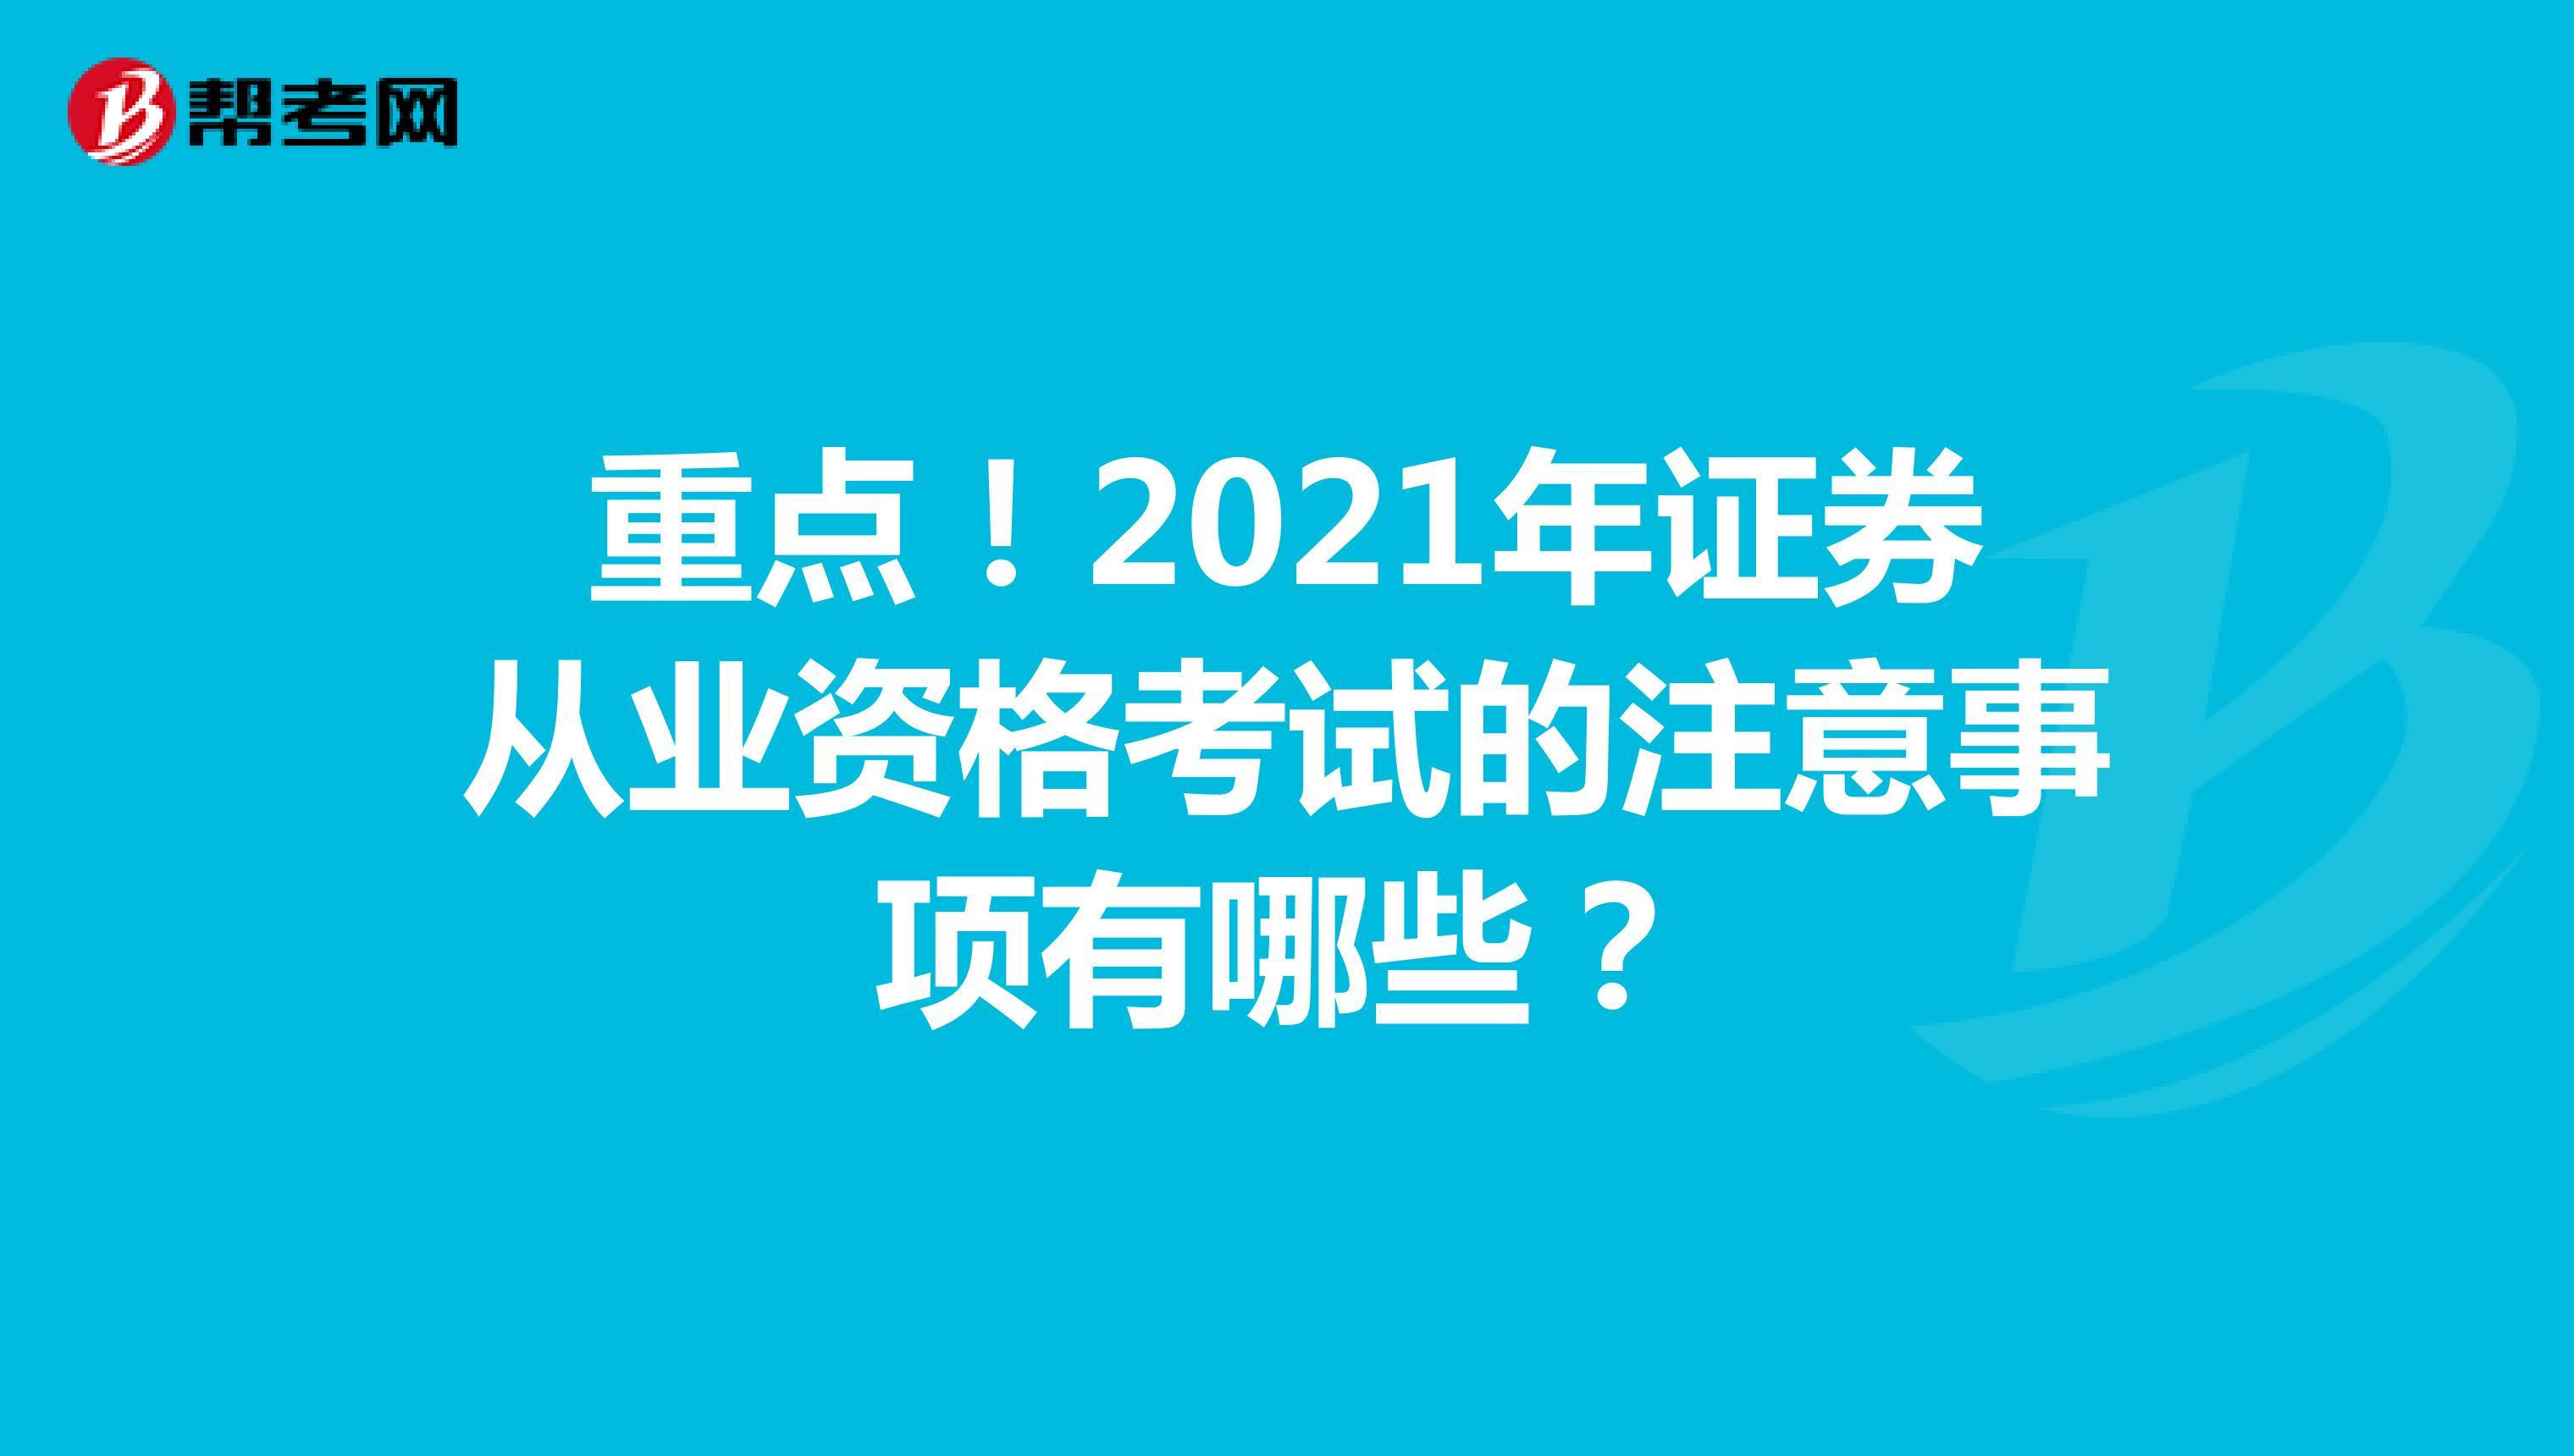 重點!2021年證券從業資格考試的注意事項有哪些?